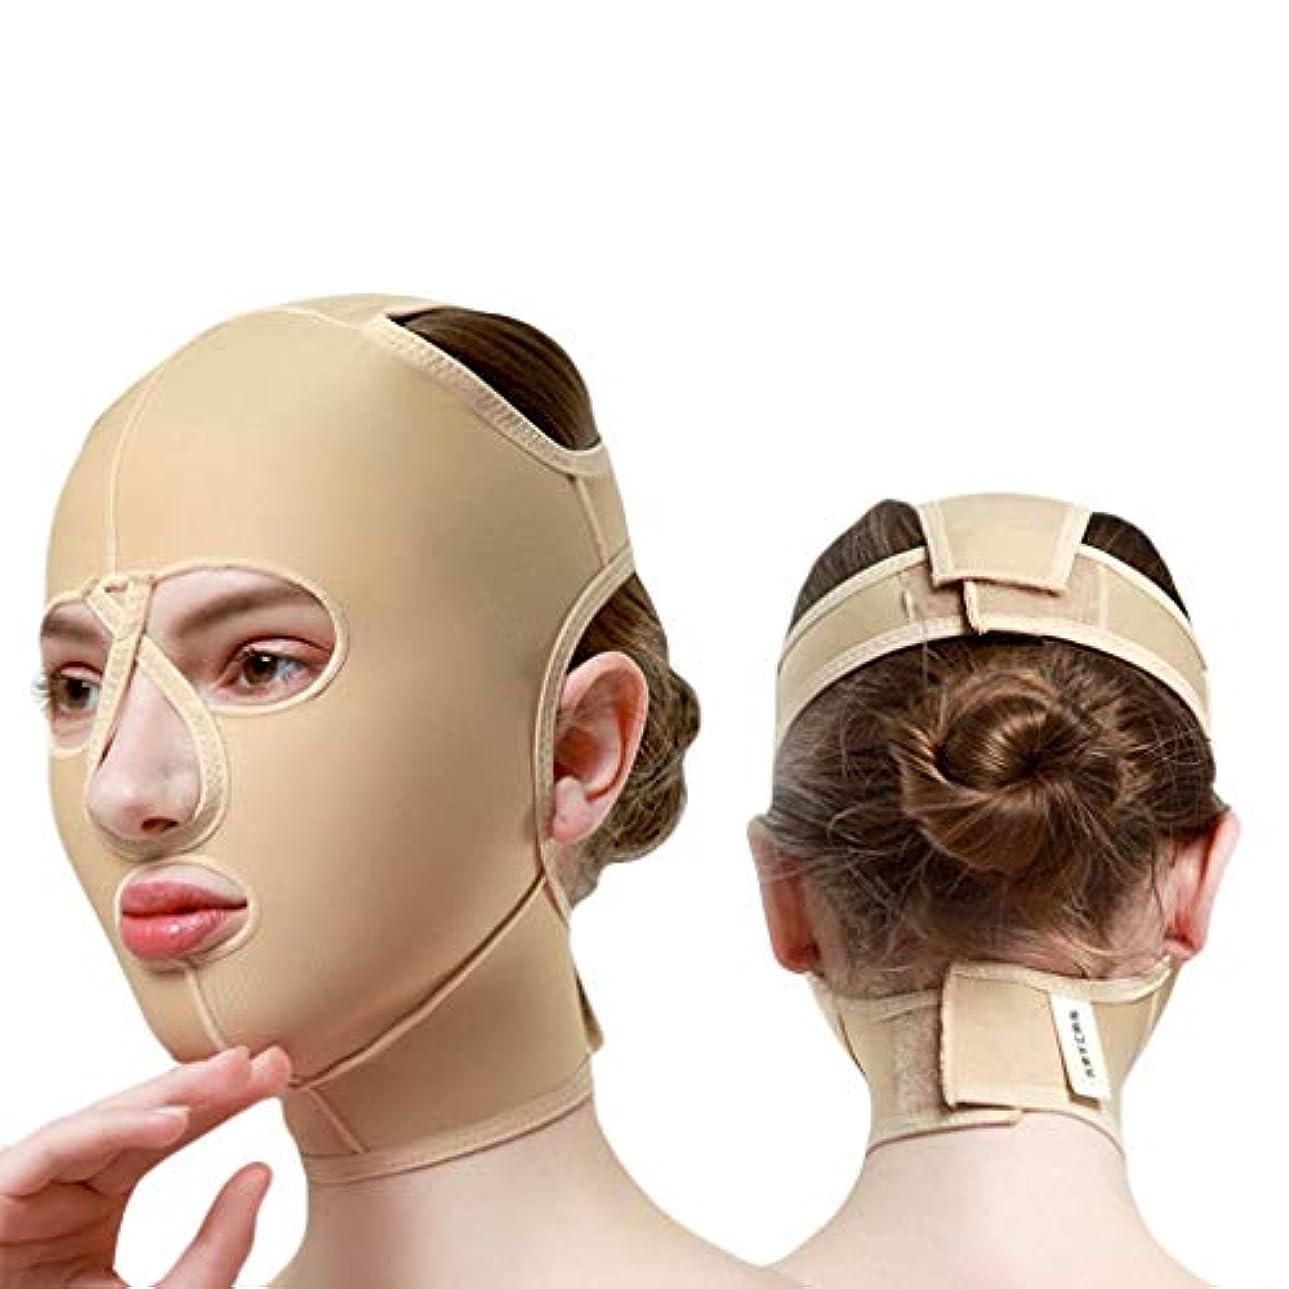 哲学的貯水池批評チンストラップ、顔彫りツール、リフティングマスク、ダブルチンリデューサー、フェイスリフティングエラスティックマスクメス(サイズ:M),XL